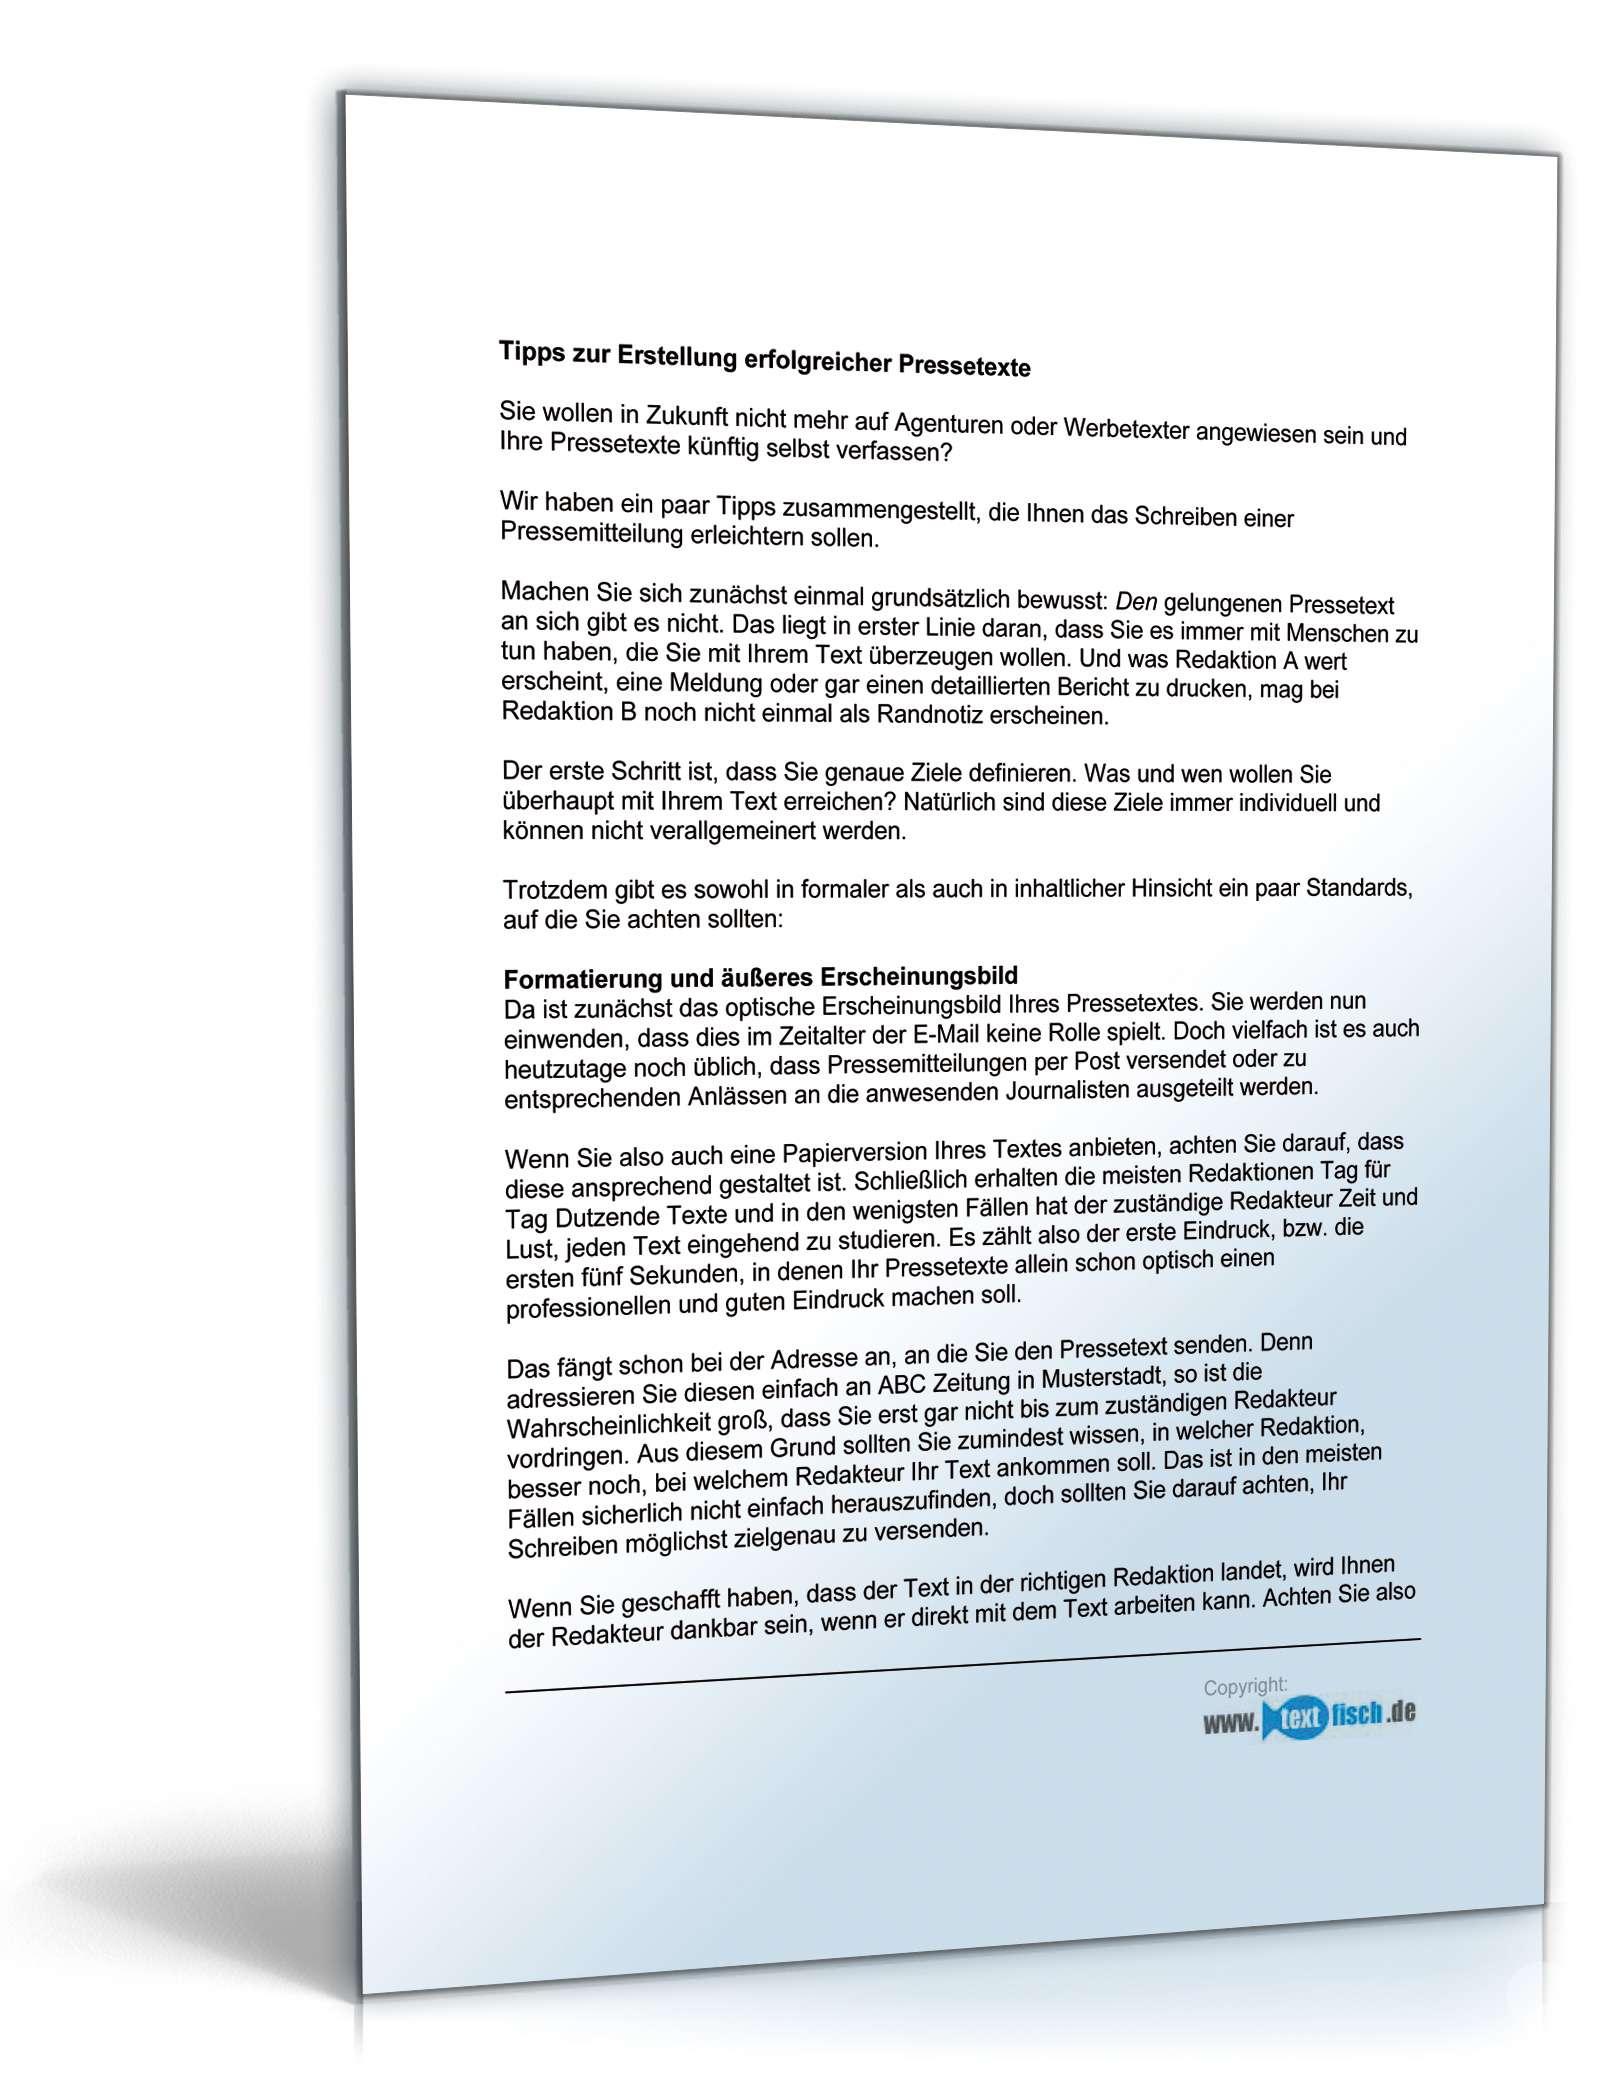 Pressemitteilung über neue Kooperation | Muster zum Download